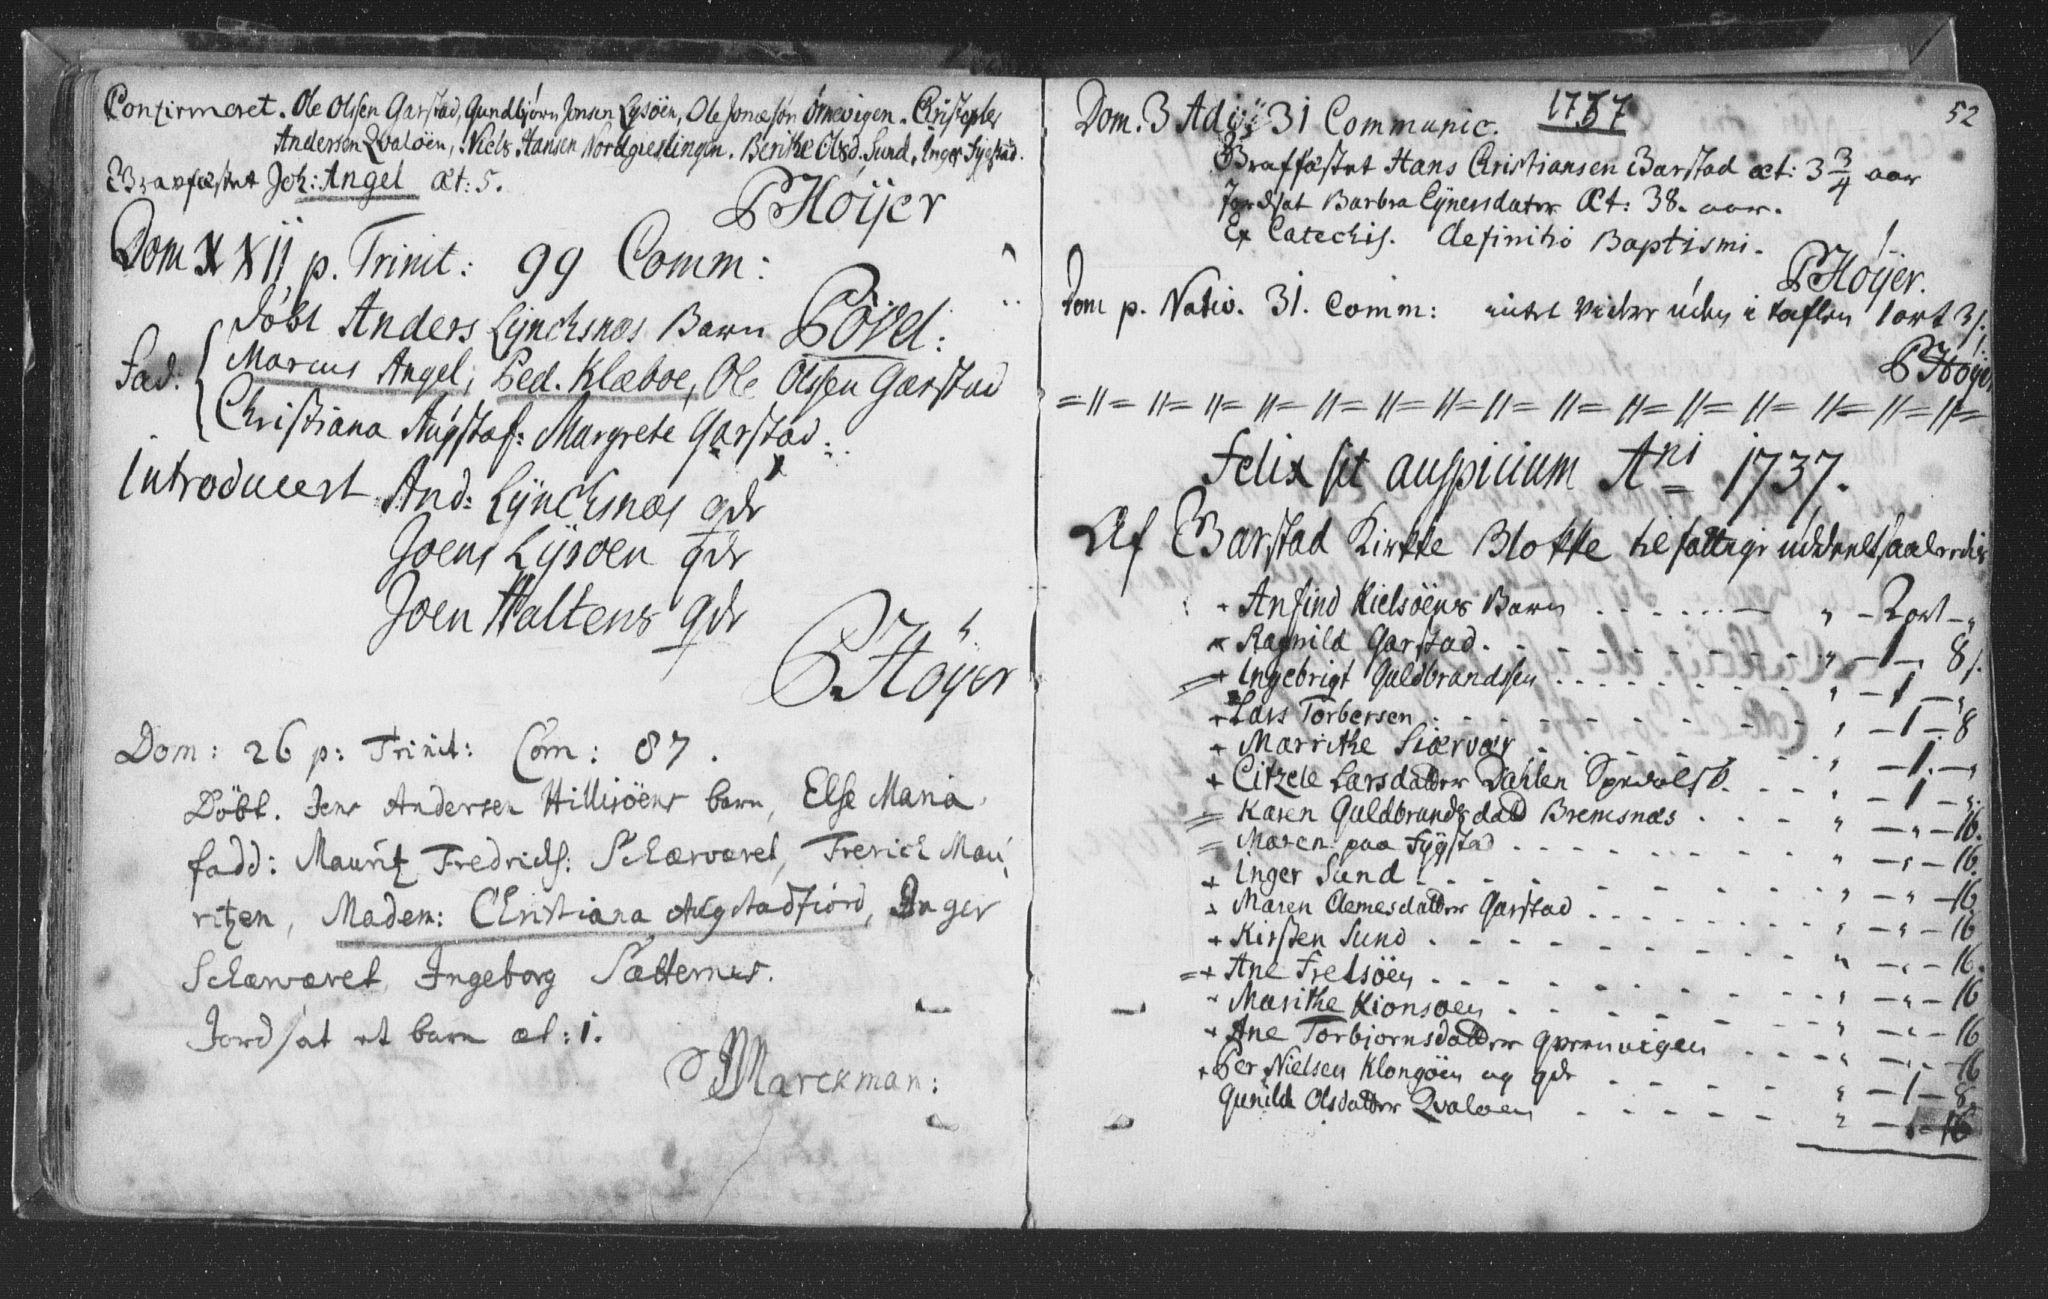 SAT, Ministerialprotokoller, klokkerbøker og fødselsregistre - Nord-Trøndelag, 786/L0685: Ministerialbok nr. 786A01, 1710-1798, s. 52